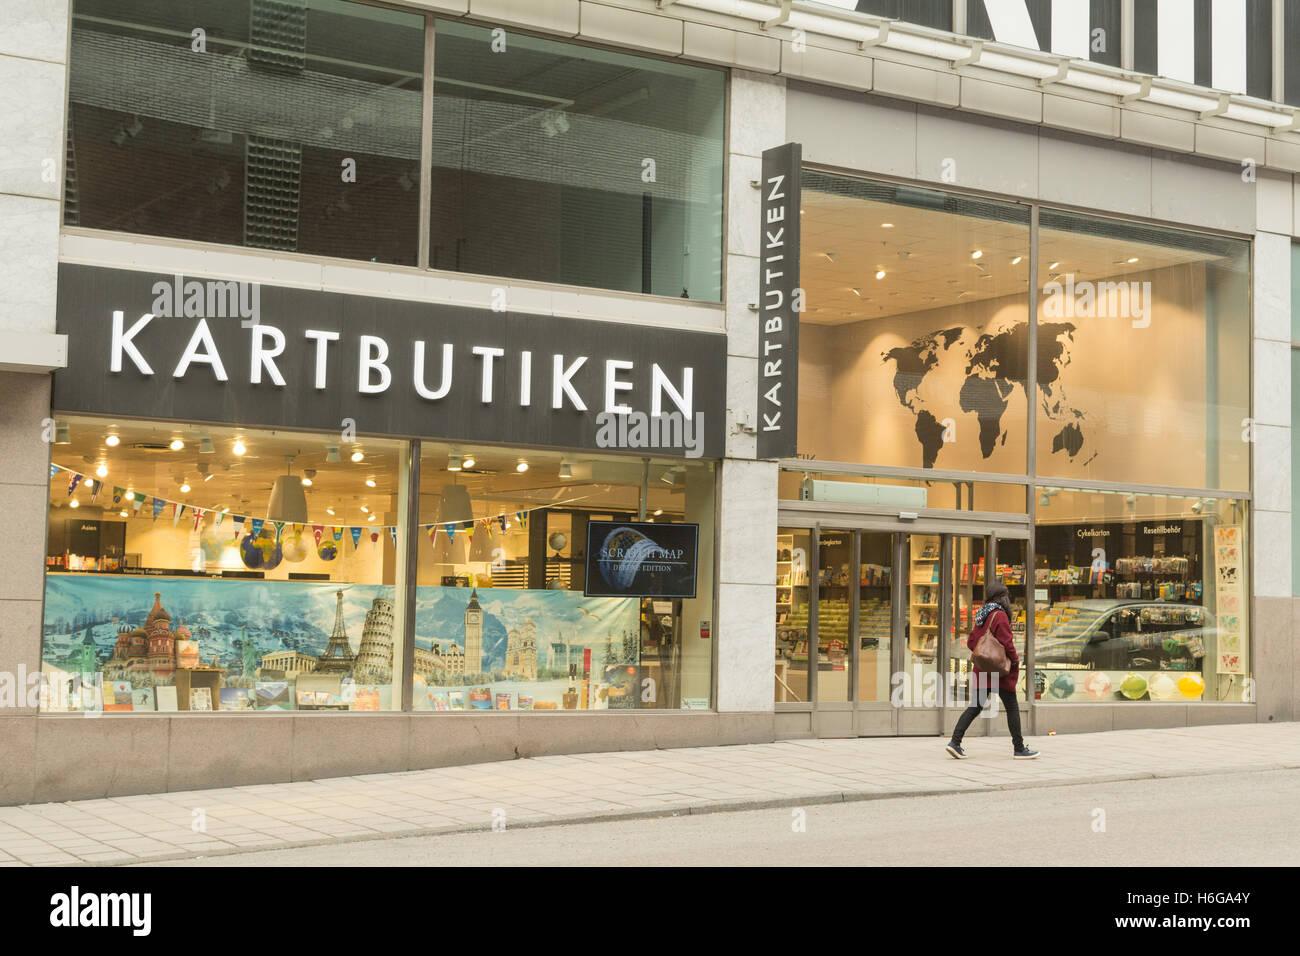 Mapa y libro de viajes Tienda en Estocolmo Kartbutiken Imagen De Stock